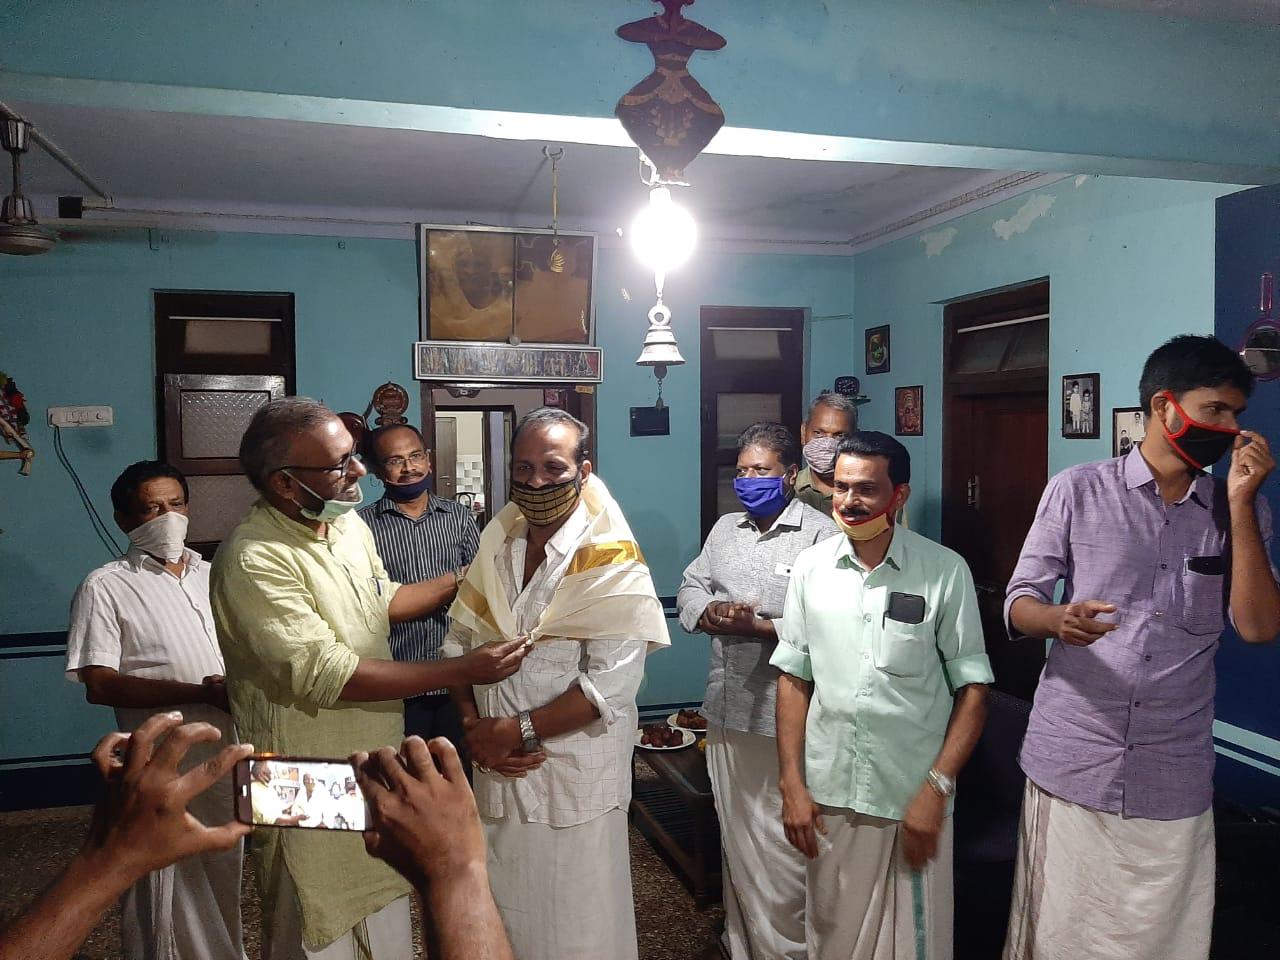 എം ടി രാജേന്ദ്രകുമാർ മാസ്റ്റർക് രാജീവ് ഗാന്ധി റിലീഫ് ഫൌണ്ടേഷൻ പൂക്കരത്തറ സ്നേഹാദരം പരിപാടി സംഘടിപ്പിച്ചു